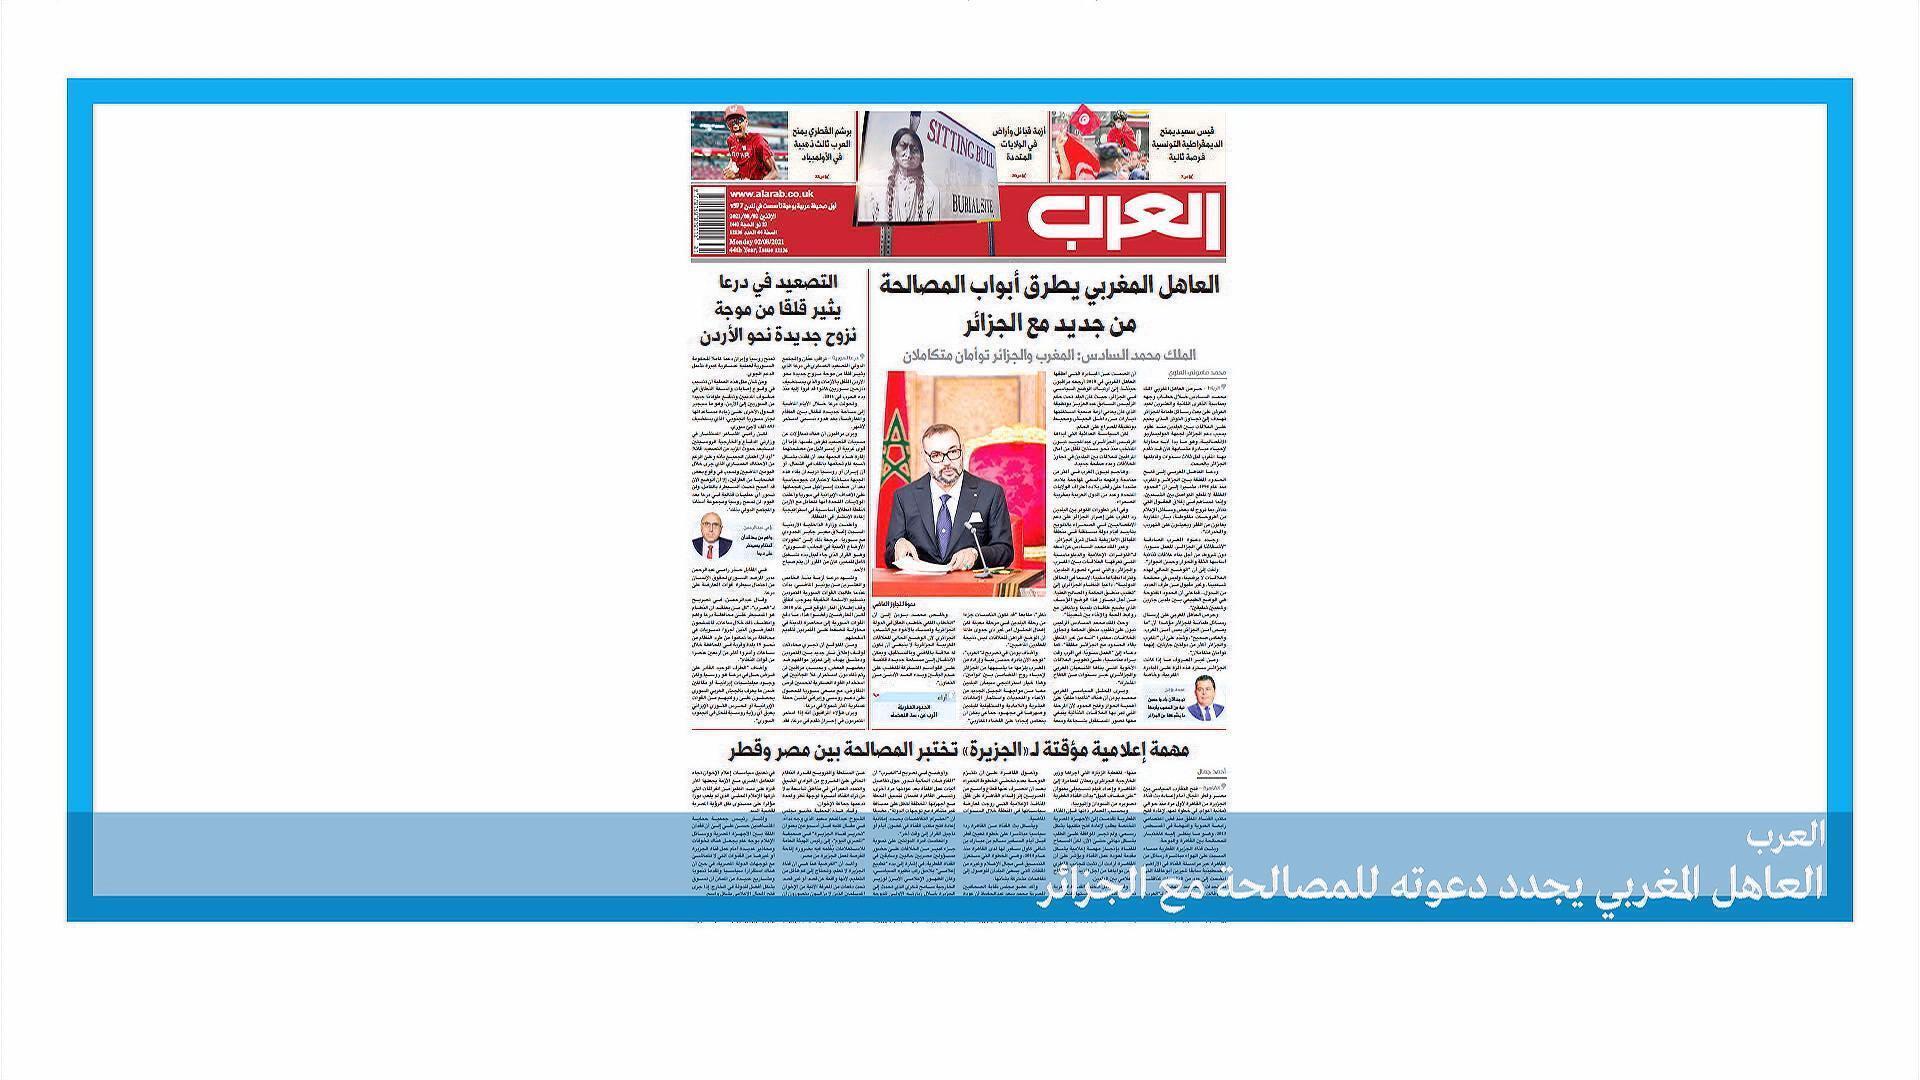 2021-08-02 08:16 قراءة في الصحف